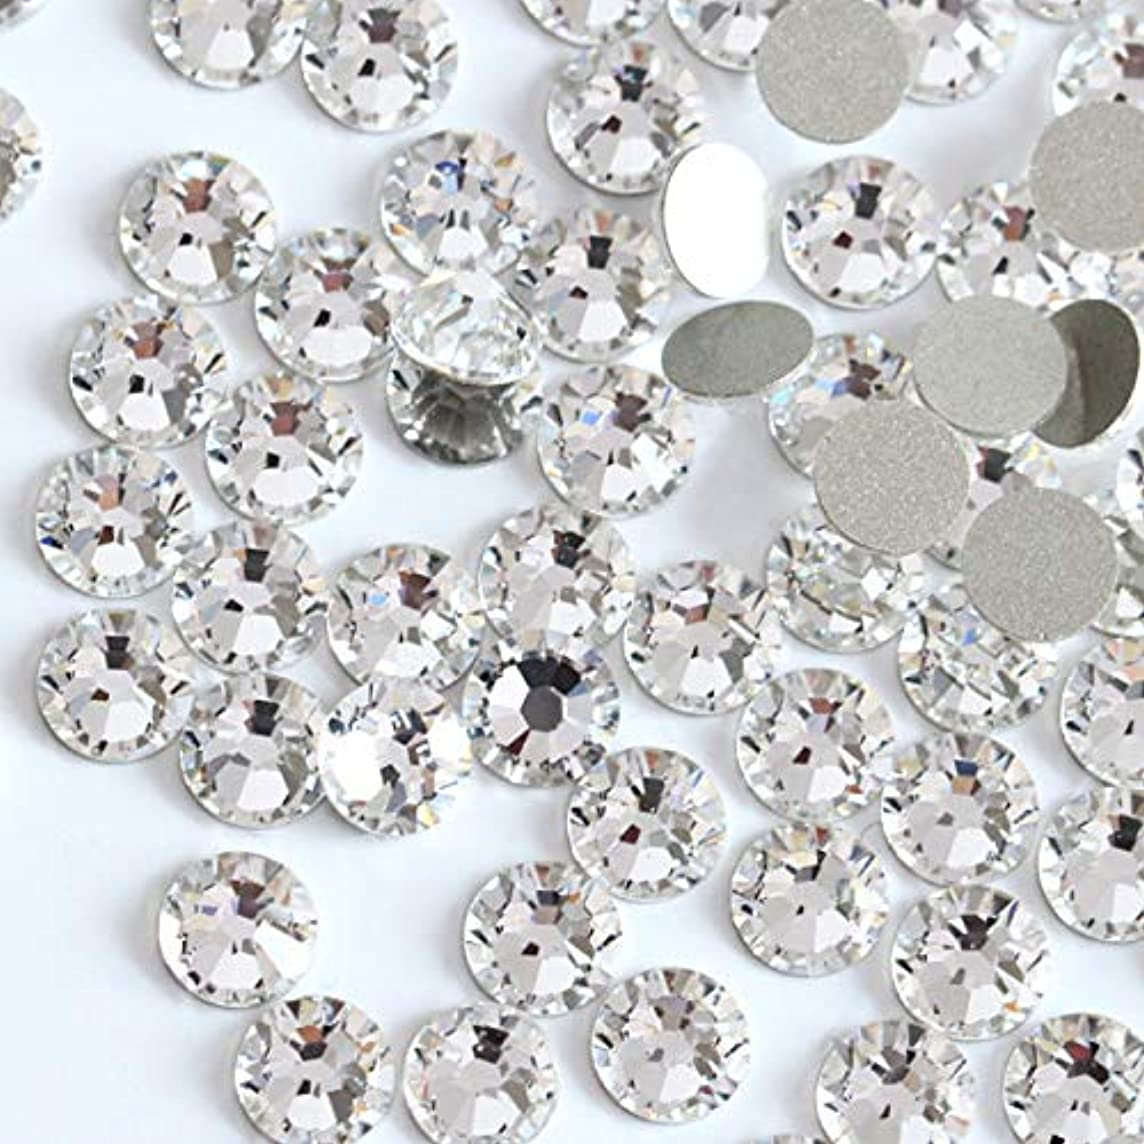 太鼓腹難しい群衆【ラインストーン77】高品質ガラス製ラインストーン クリスタル SS3(1.3mm)約1440粒